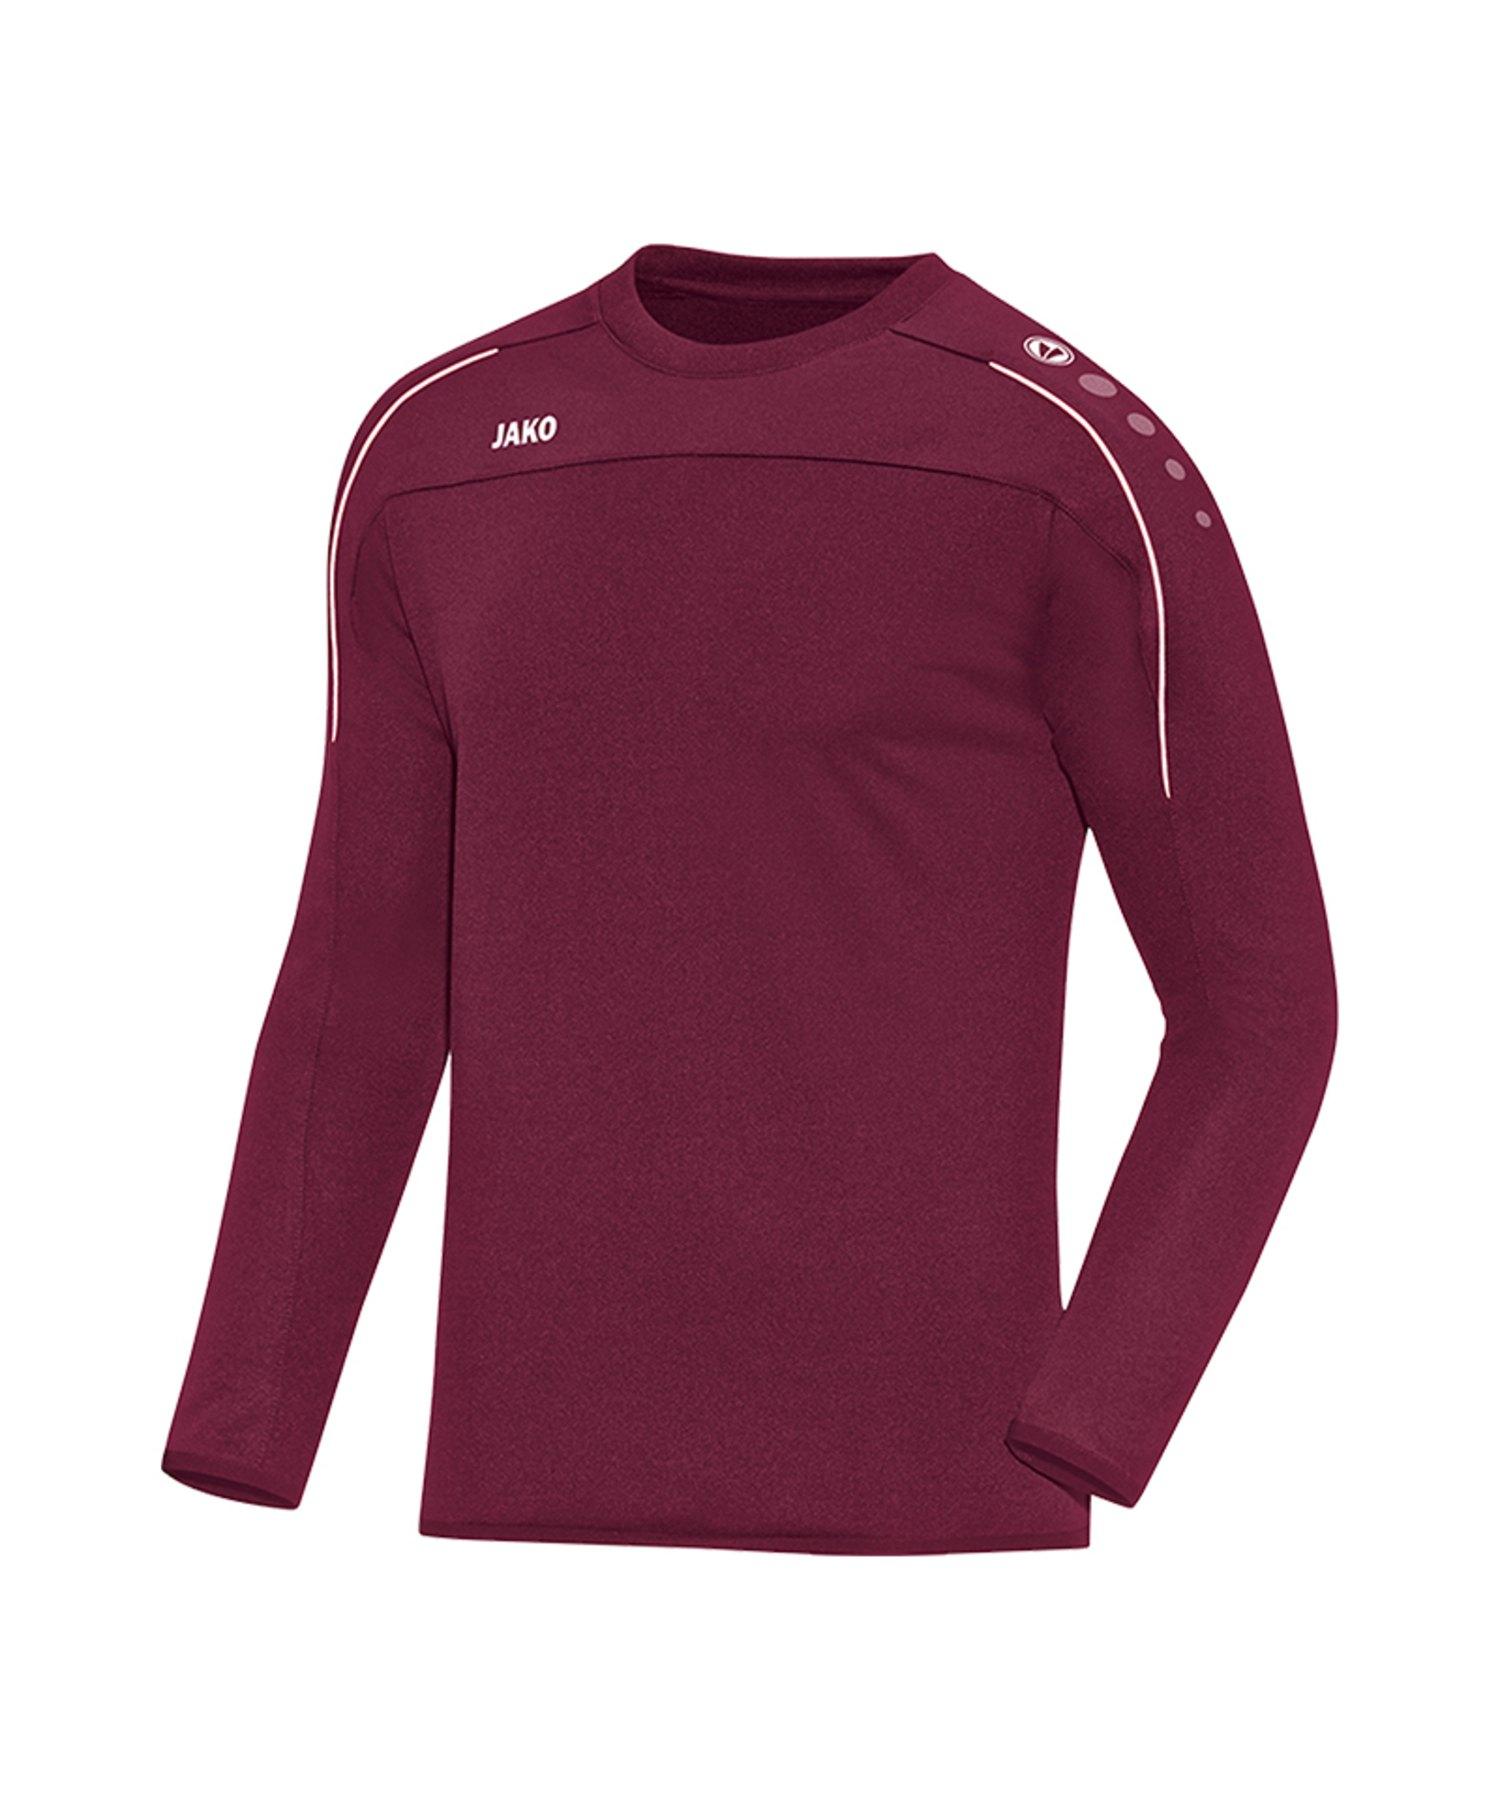 Jako Classico Sweatshirt Kids Dunkelrot F14 - Rot